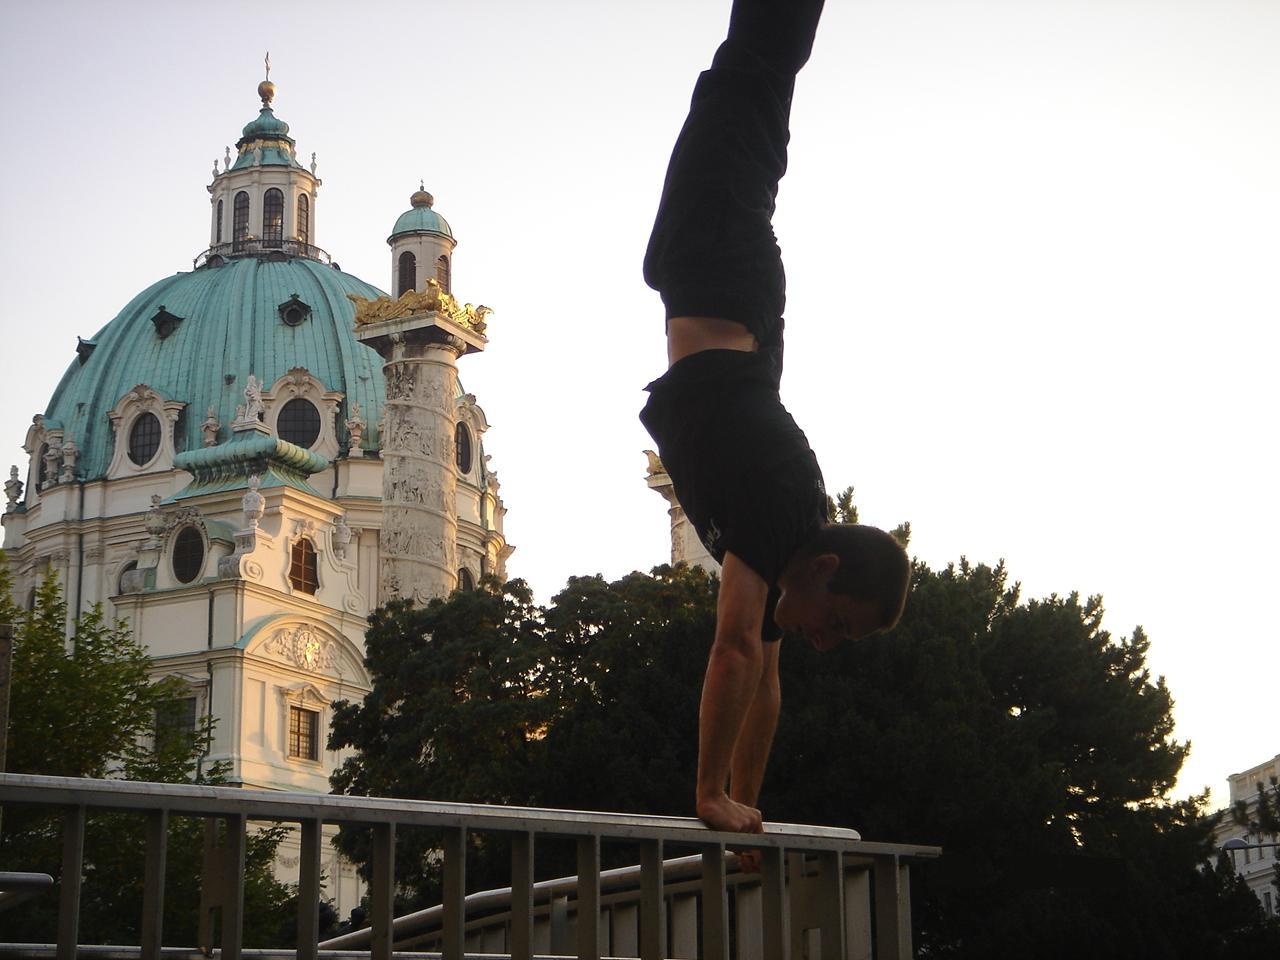 Karlsplatz Handstand